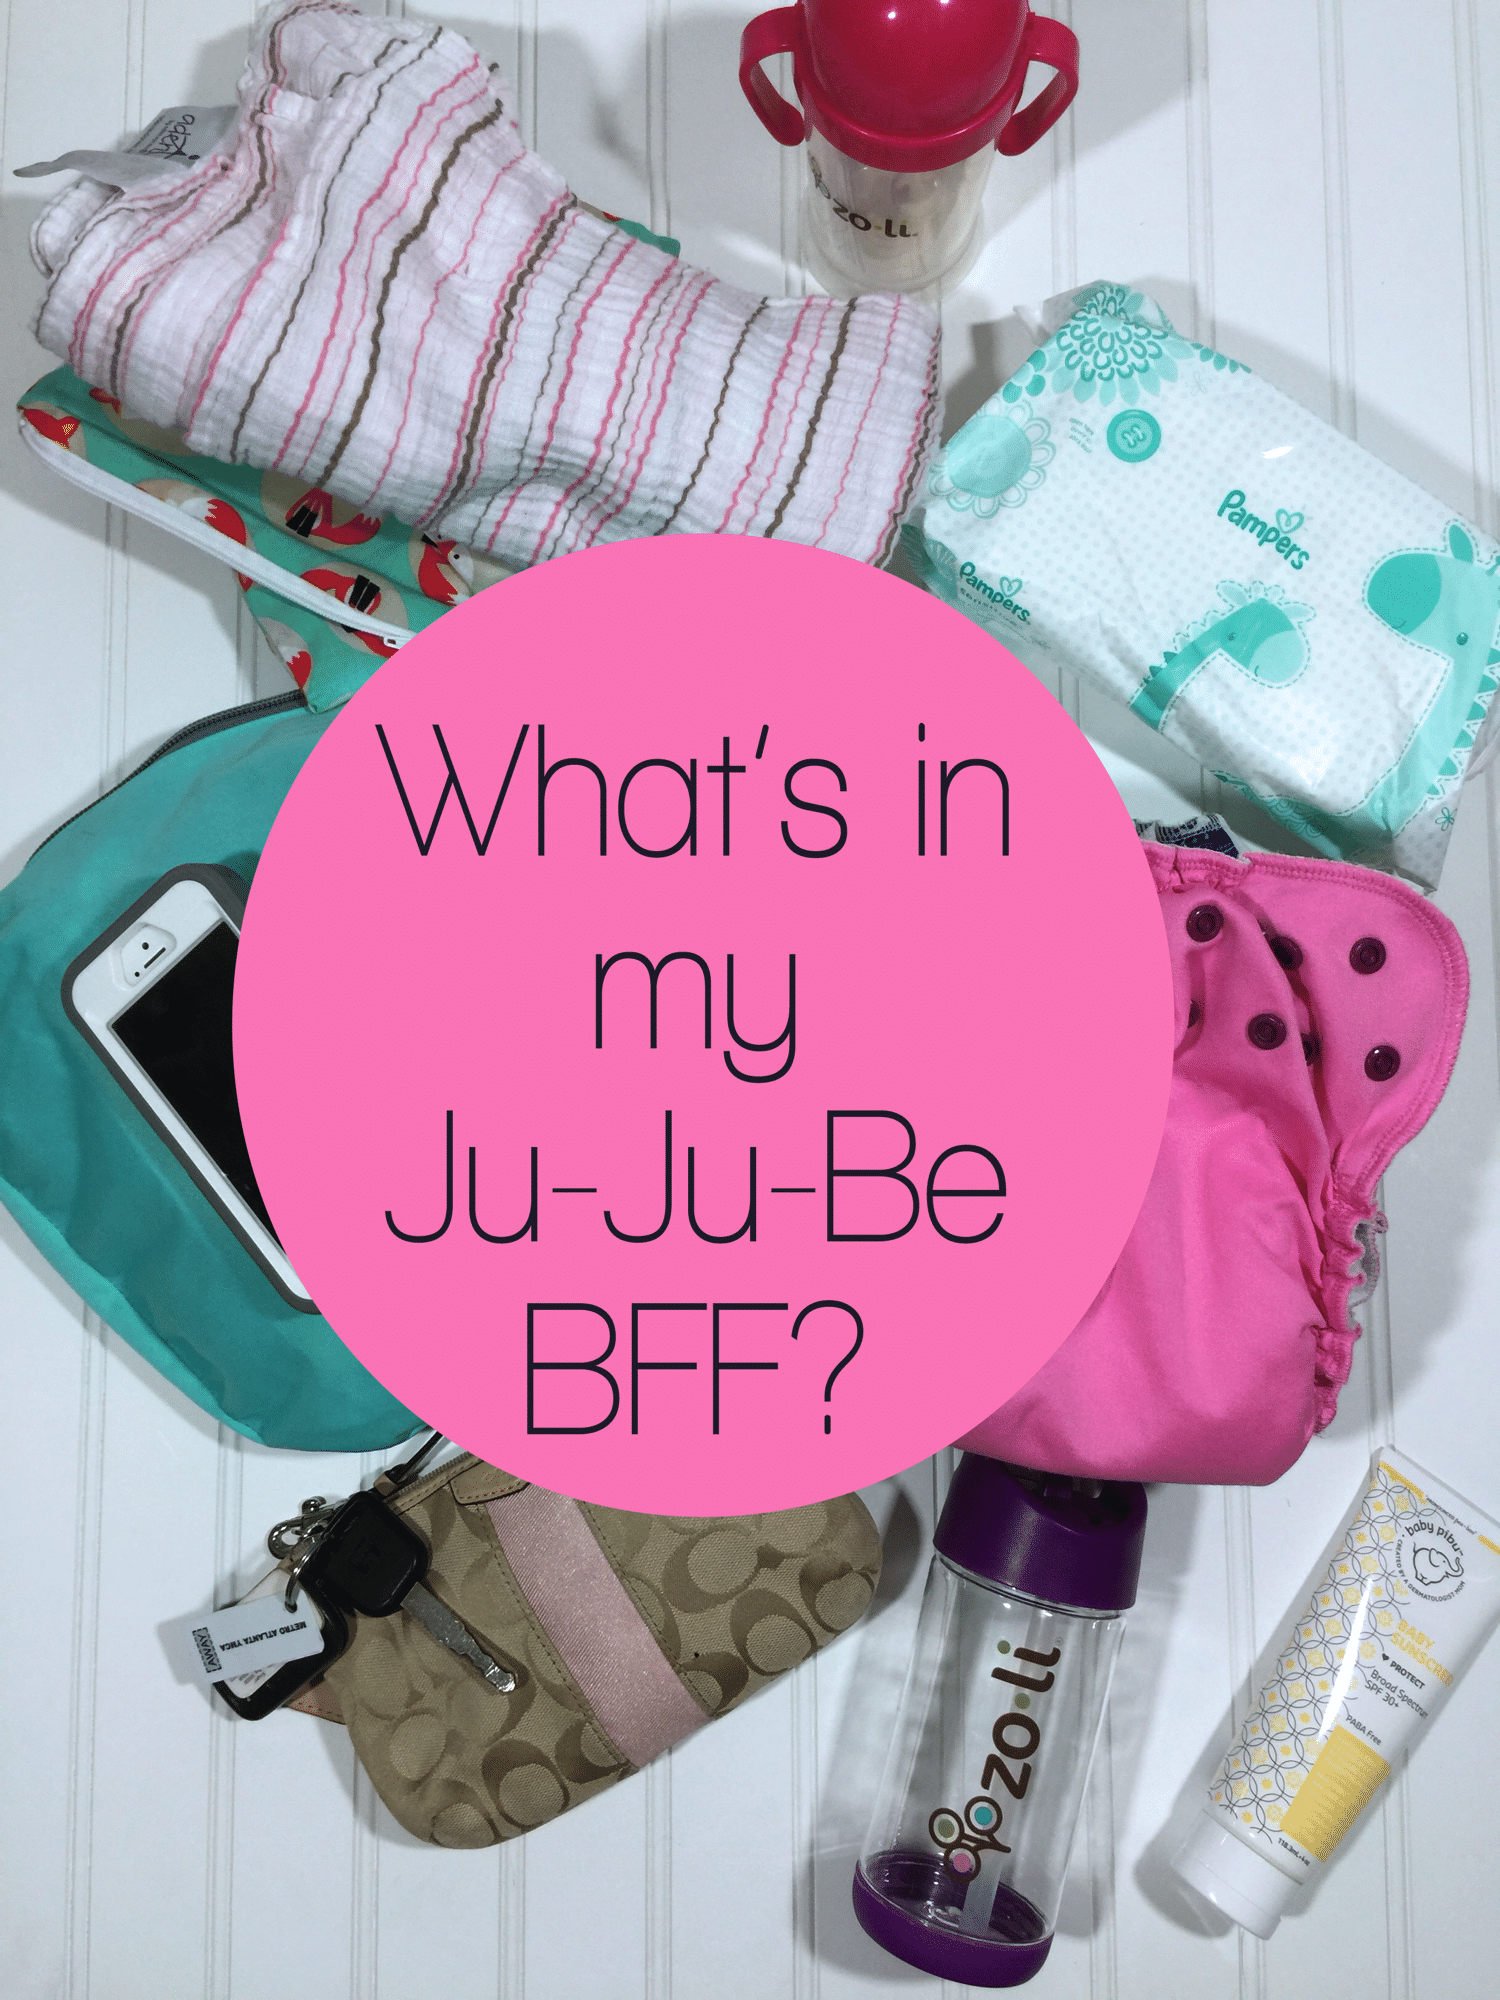 In my bag jujube bff